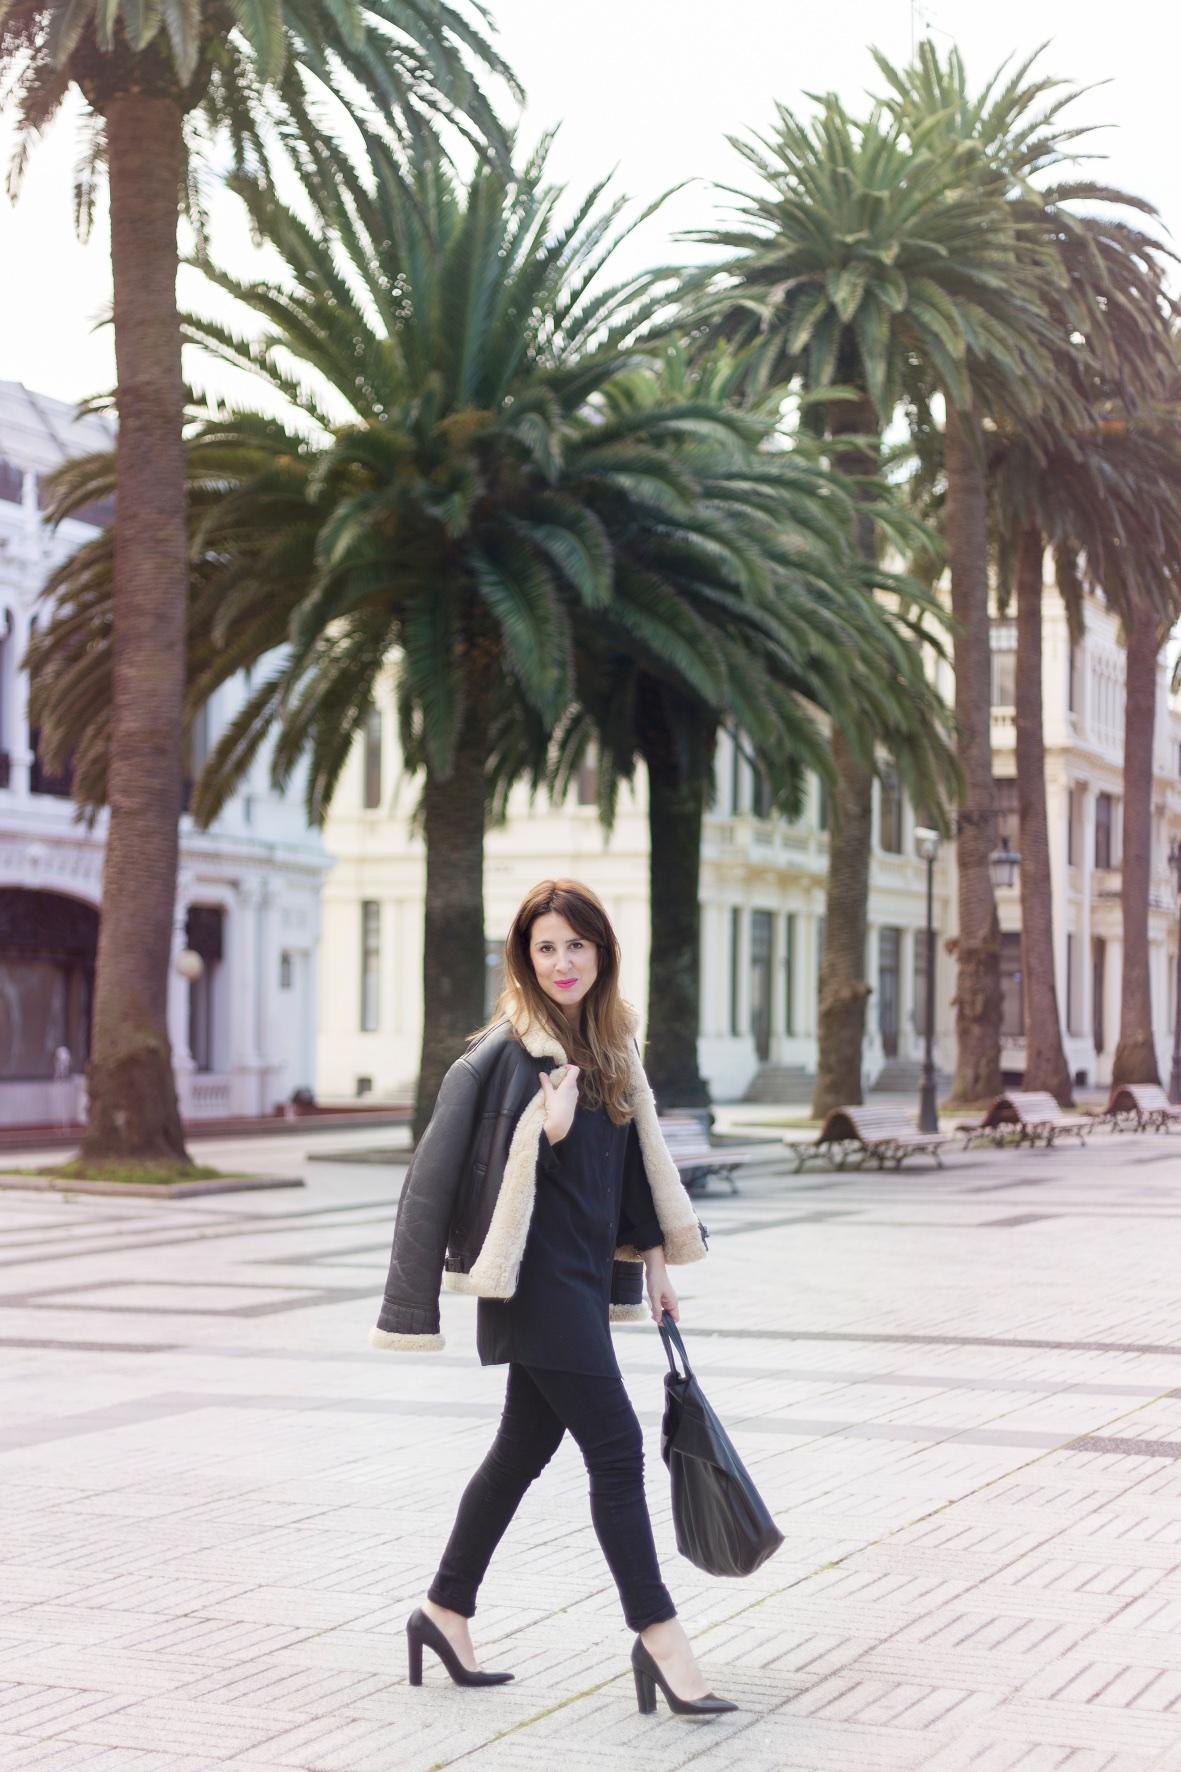 coruña-streetstyle-vila-clothes-cazadora-aviador-cèline-fashion-piel-descalzaporelparque-blogger